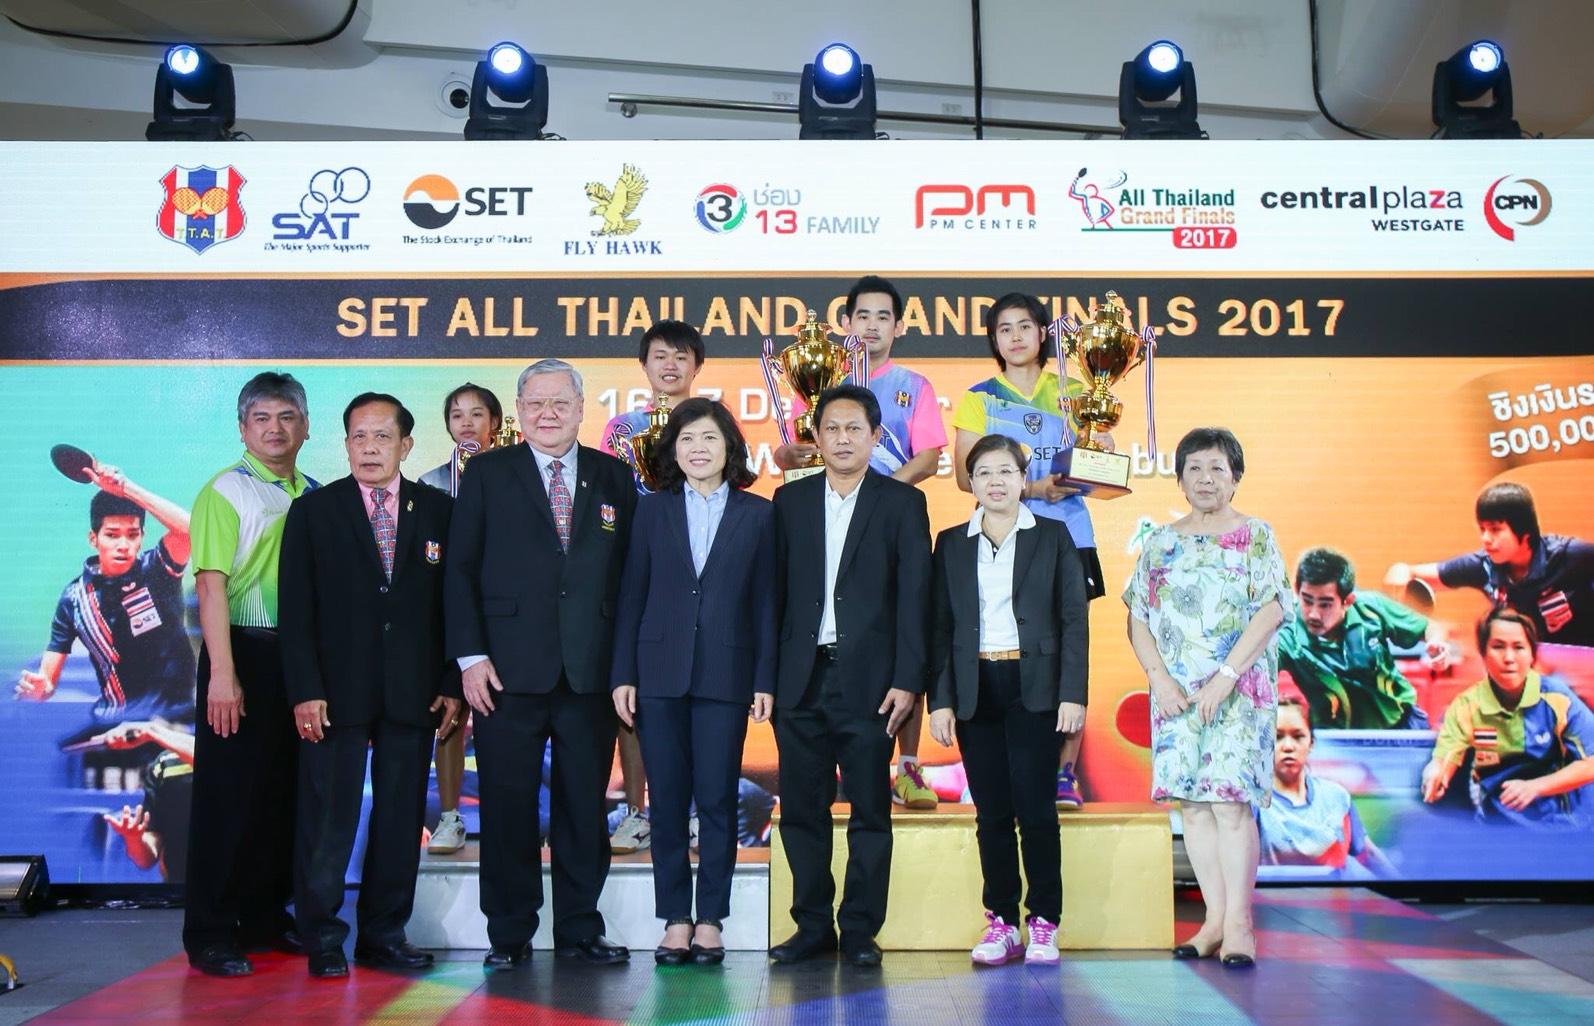 การแข่งขันรายการ ALL Thailand Grand Final 2017